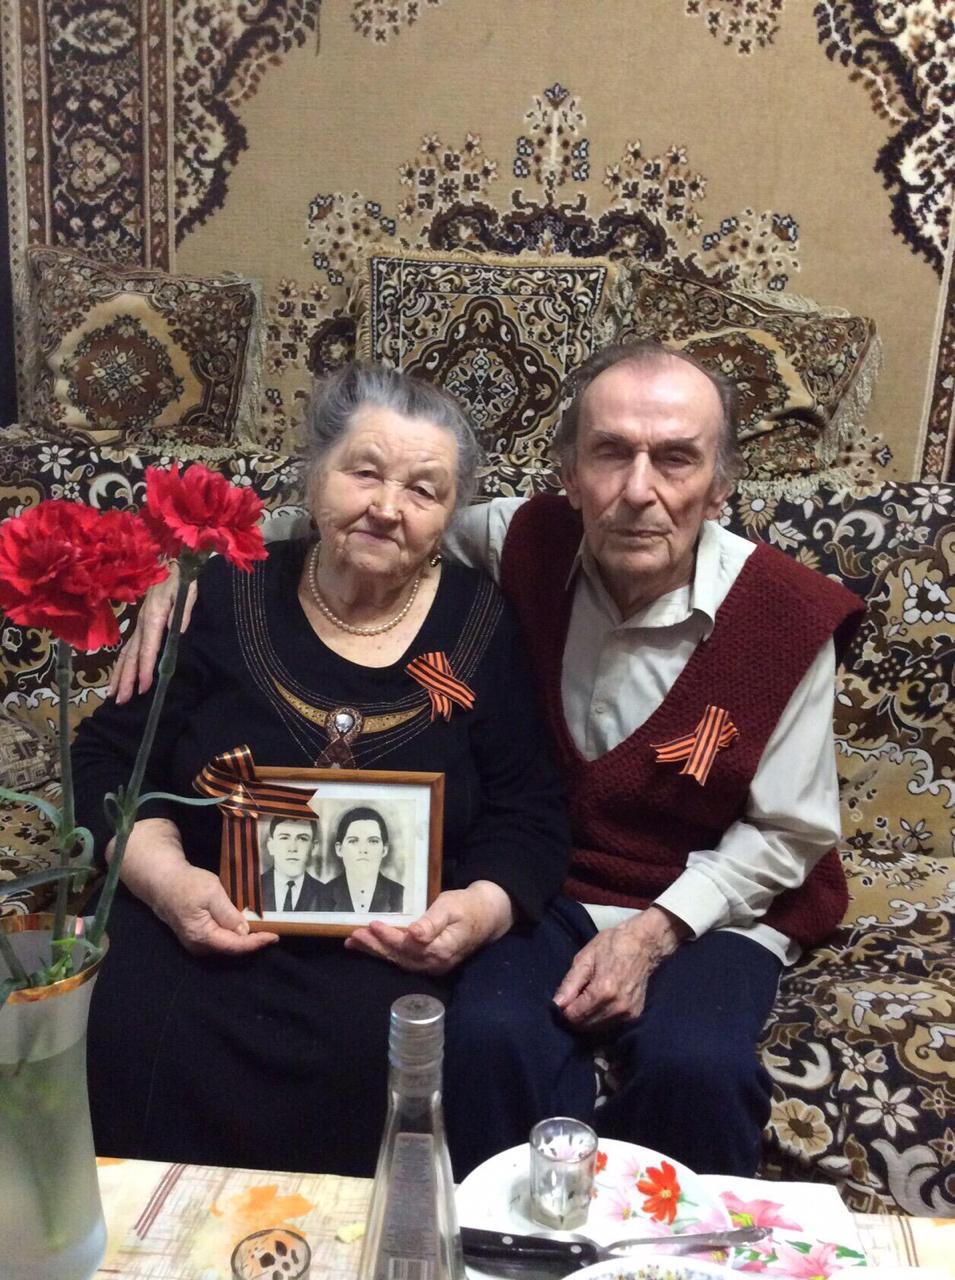 24 декабря исполнится девяносто лет абинскому поэту Михаилу Аркадьевичу Глушкову